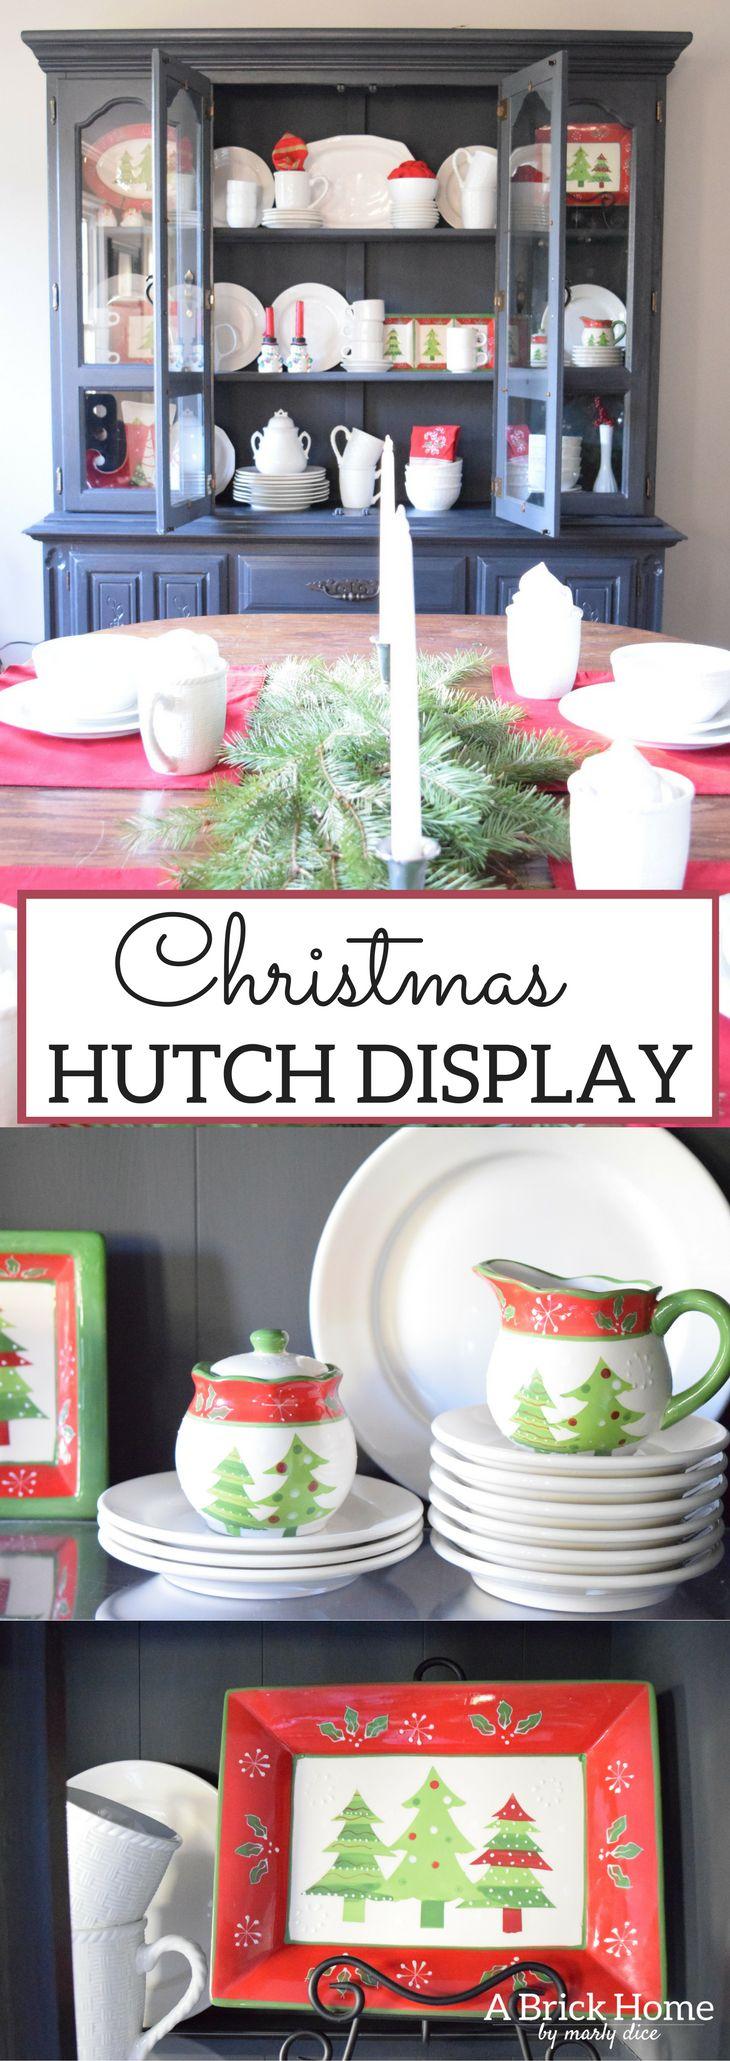 A Brick Home: Christmas hutch display, christmas hutch decor, christmas hutch decorating ideas, Christmas china cabinet, Christmas china cabinet decor, Christmas hutch ideas